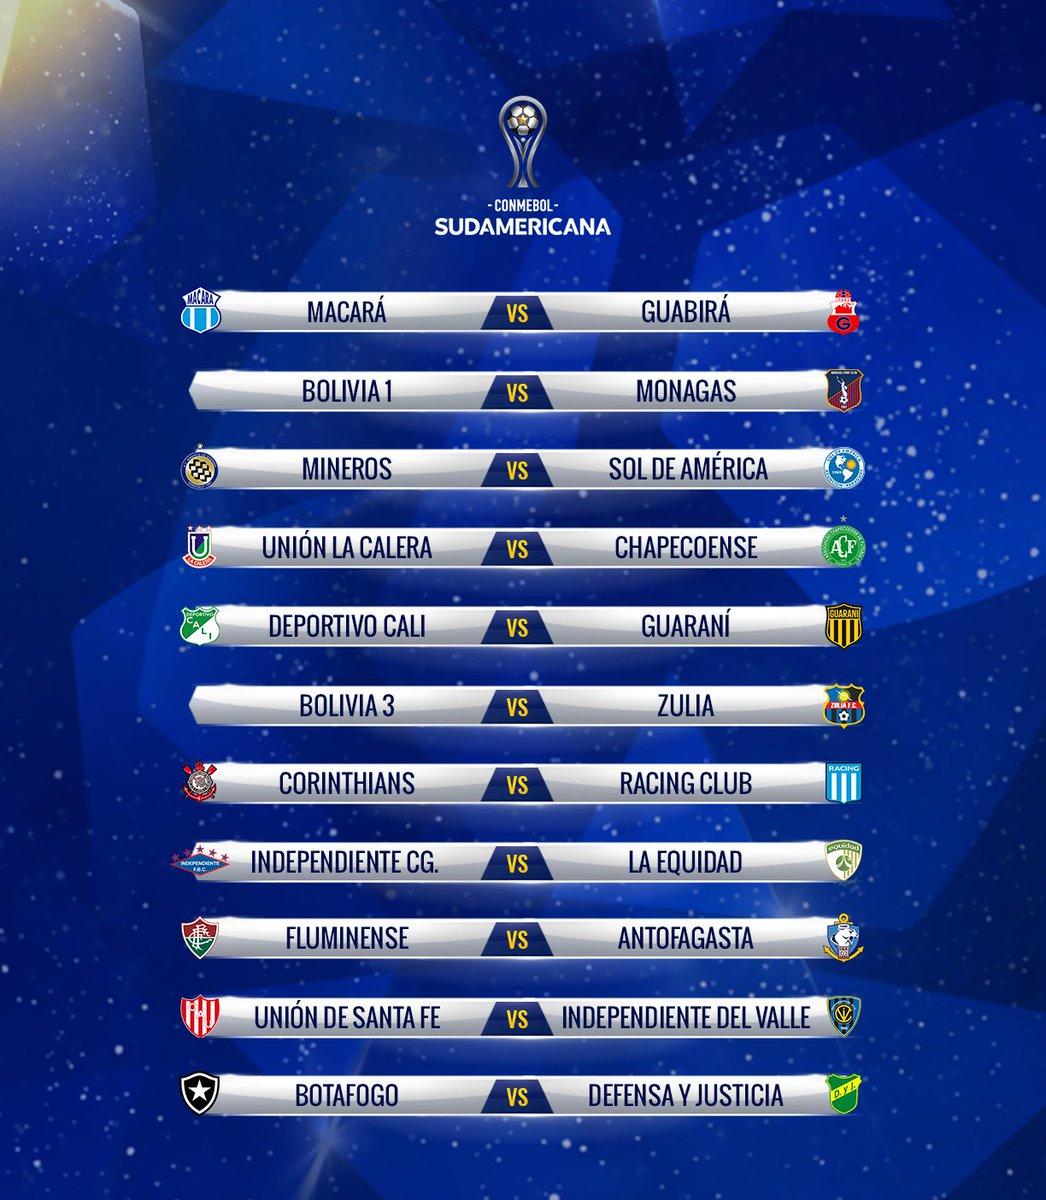 Así quedaron los duelos de la #CopaSudamericana2019   @AsoDeporCali🇨🇴 vs @ClubGuarani  @AguilasDoradasR🇨🇴 vs Bolivia 2 Independiente CG vs @Equidadfutbol🇨🇴 Deportivo Santani vs @oncecaldas 🇨🇴  El partido más interesante  @Corinthians vs @RacingClub